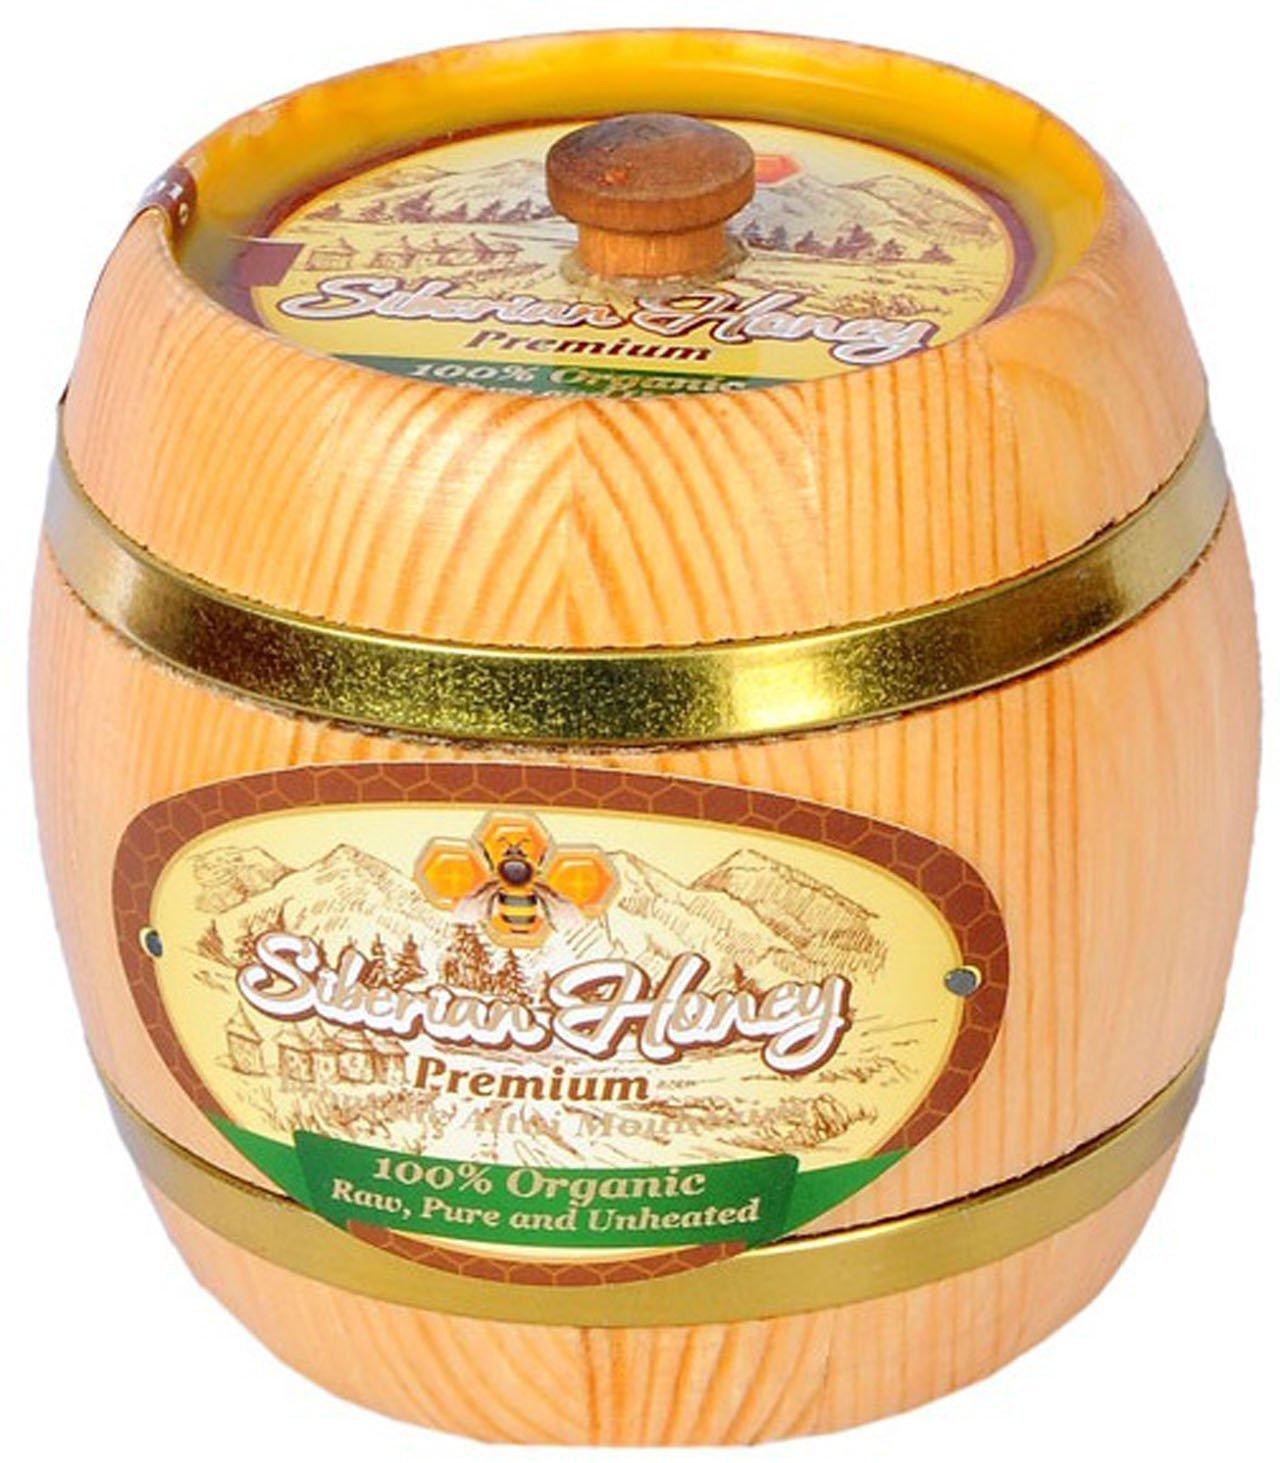 Siberian Premium Honey-100% Raw, Pure, Organic, NON-GMO, Unheated, Unprocessed (Pesticide, Antibiotic & Gluten FREE) - 1LB